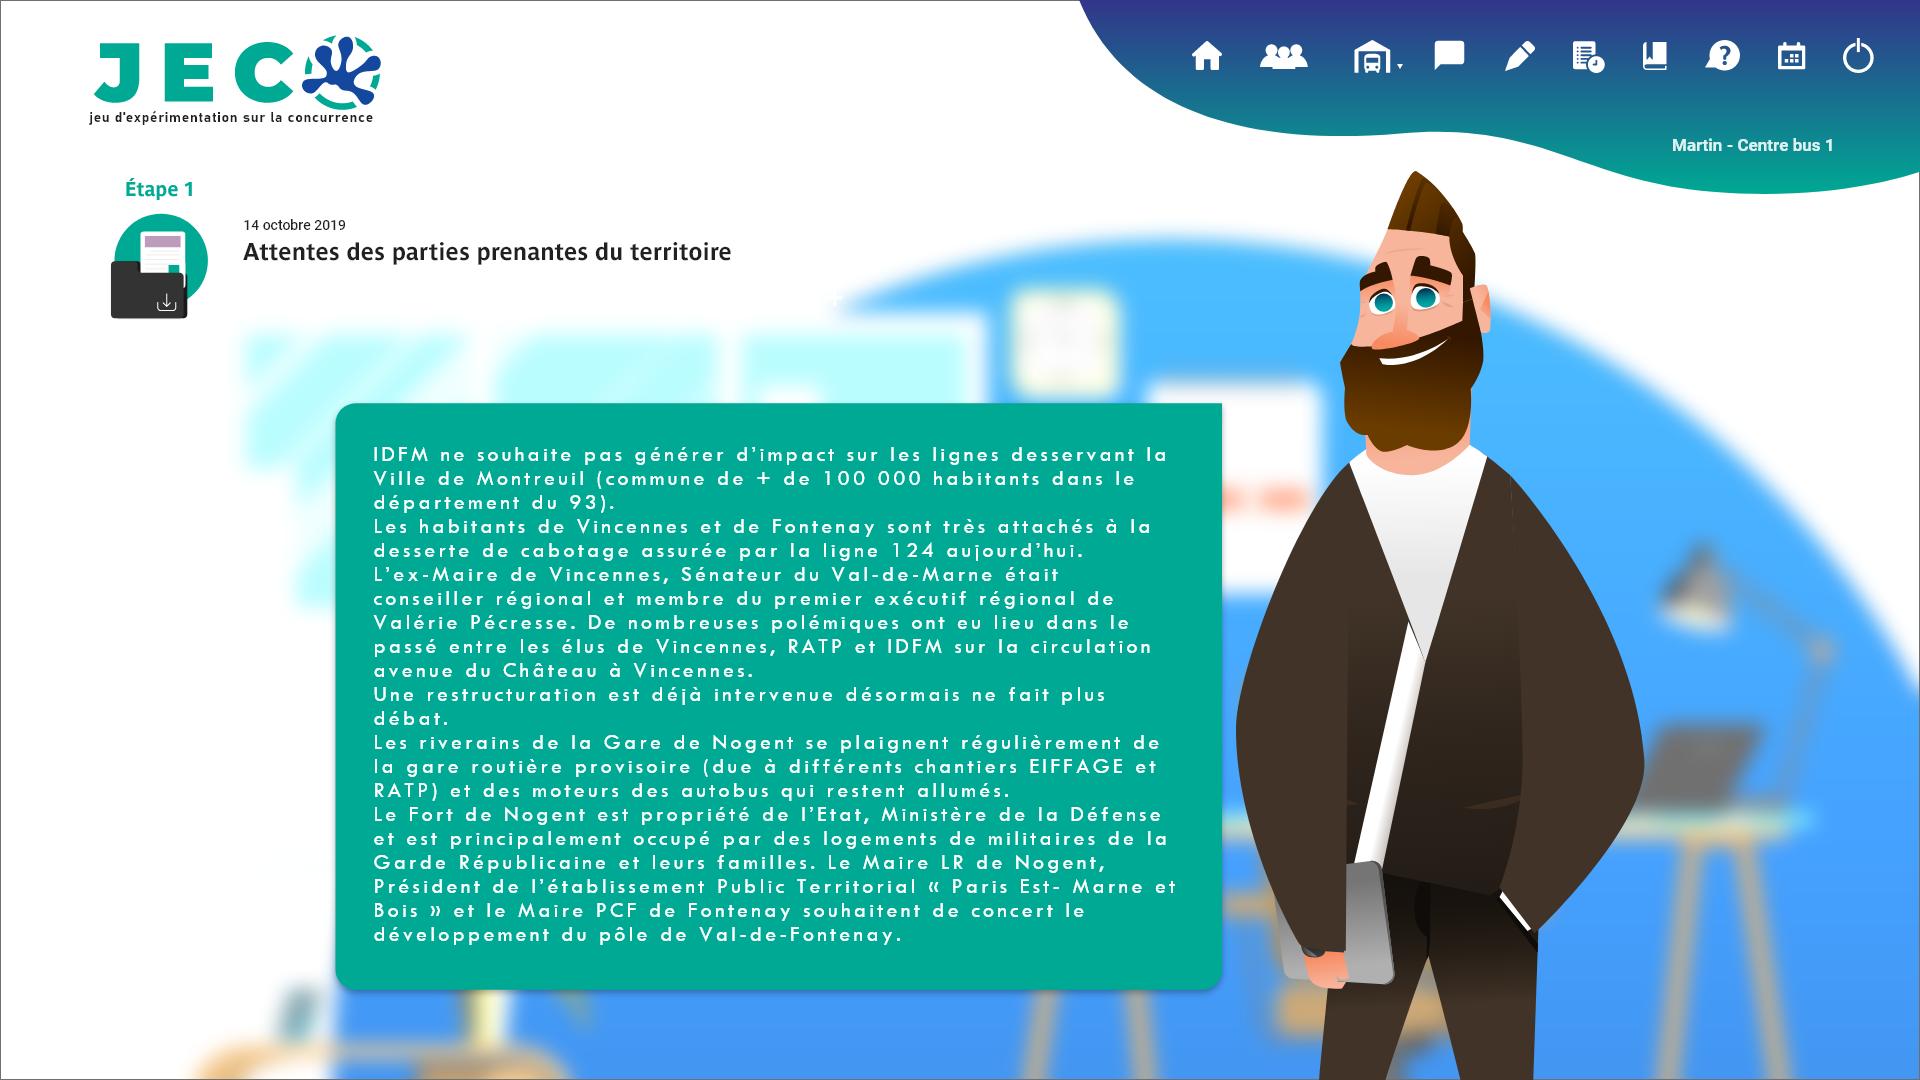 Interface d'un logiciel de formation de réponses aux appels d'offre des cadres supérieurs de la SNCF INFO